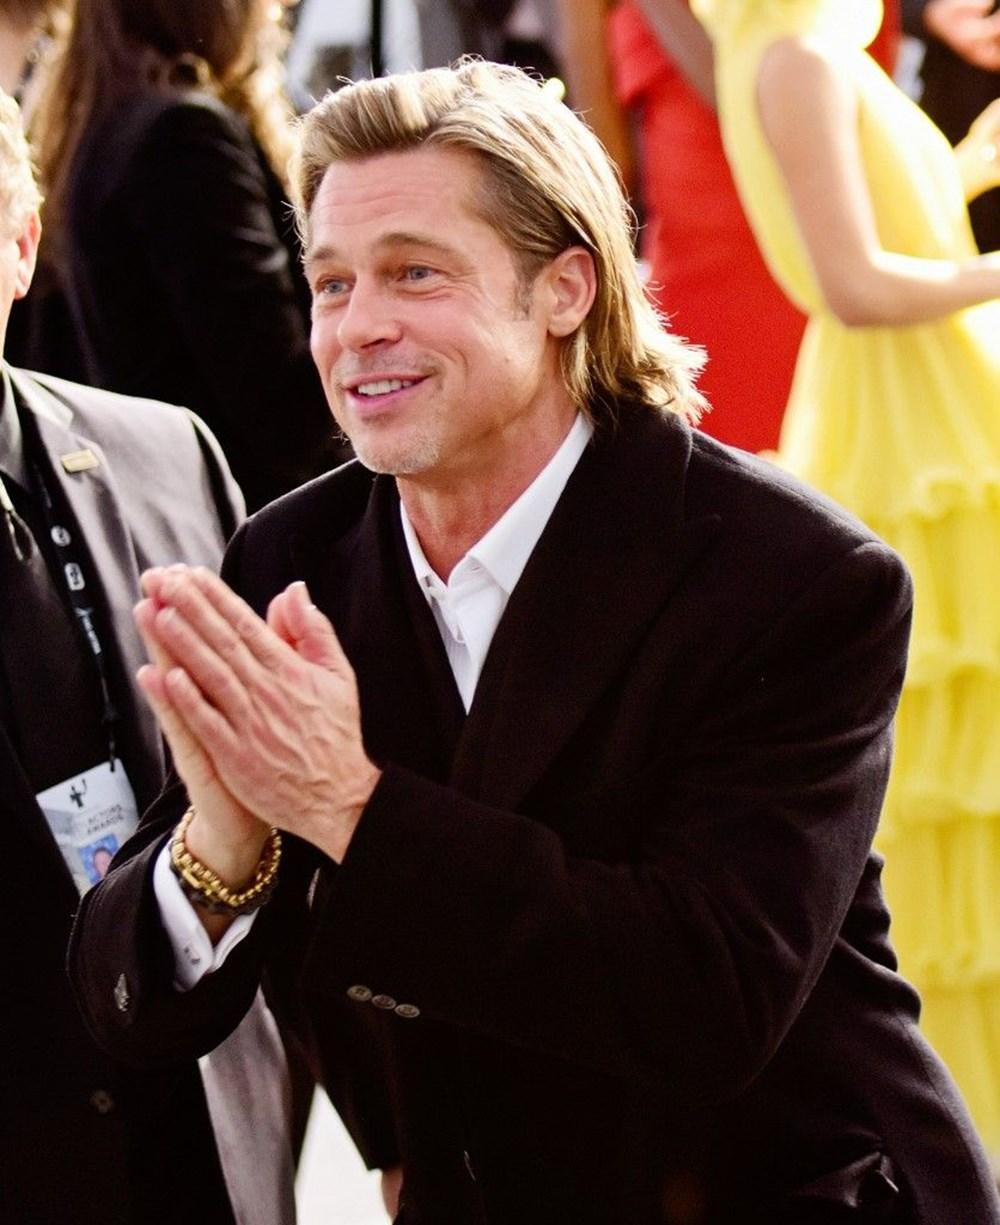 Brad Pitt'ten yeni film: Bullet Train - 4